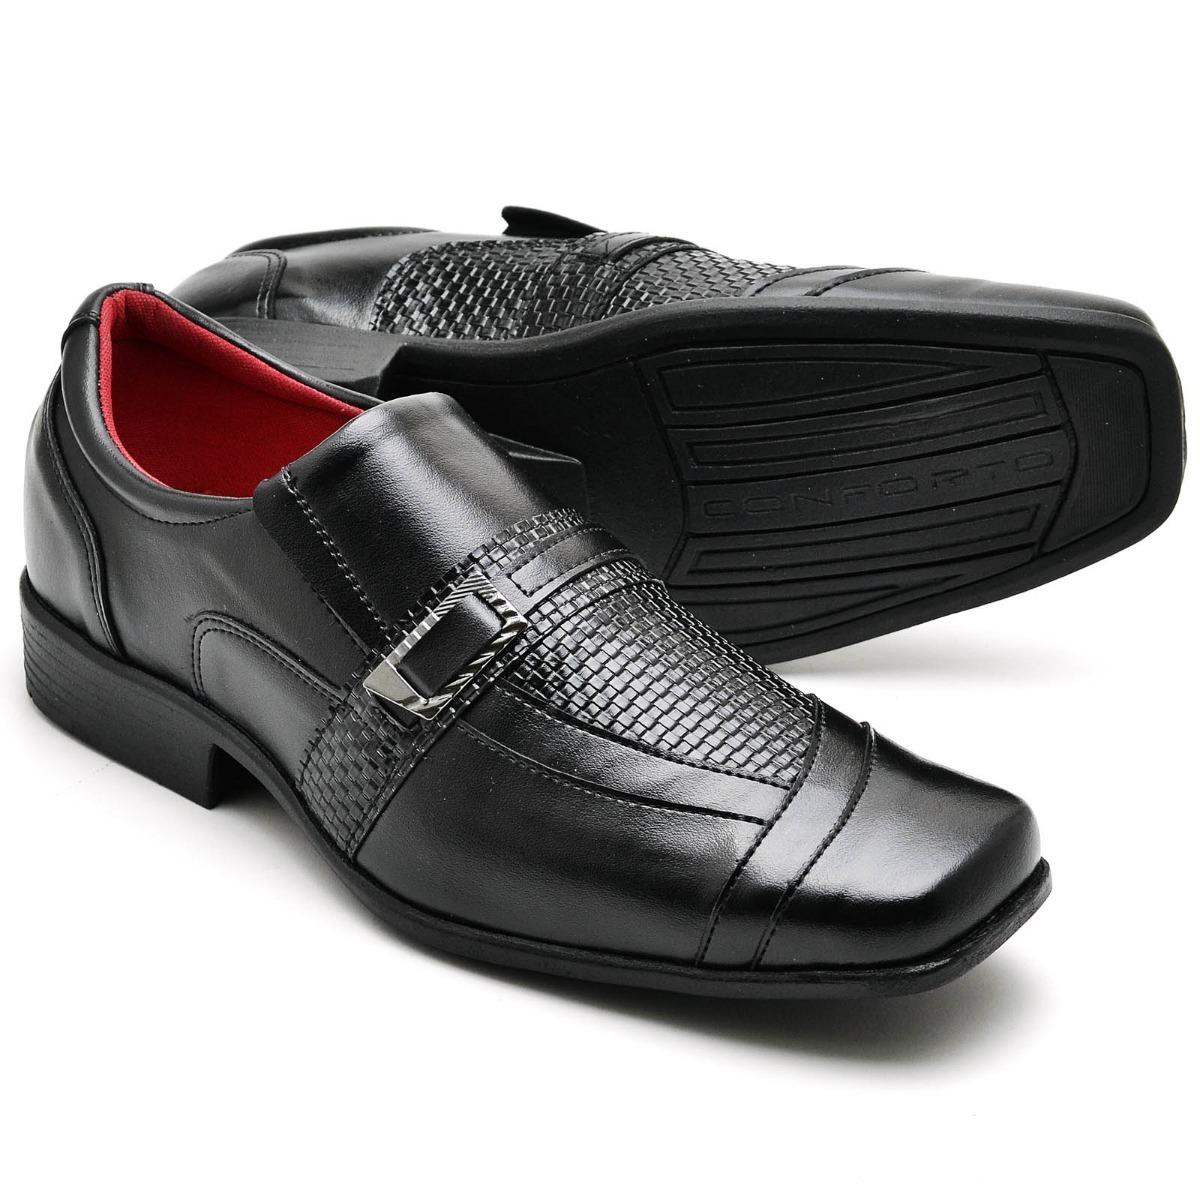 c09d5ba7f3 sapato social masculino couro super macio eco oferta barato. Carregando zoom .